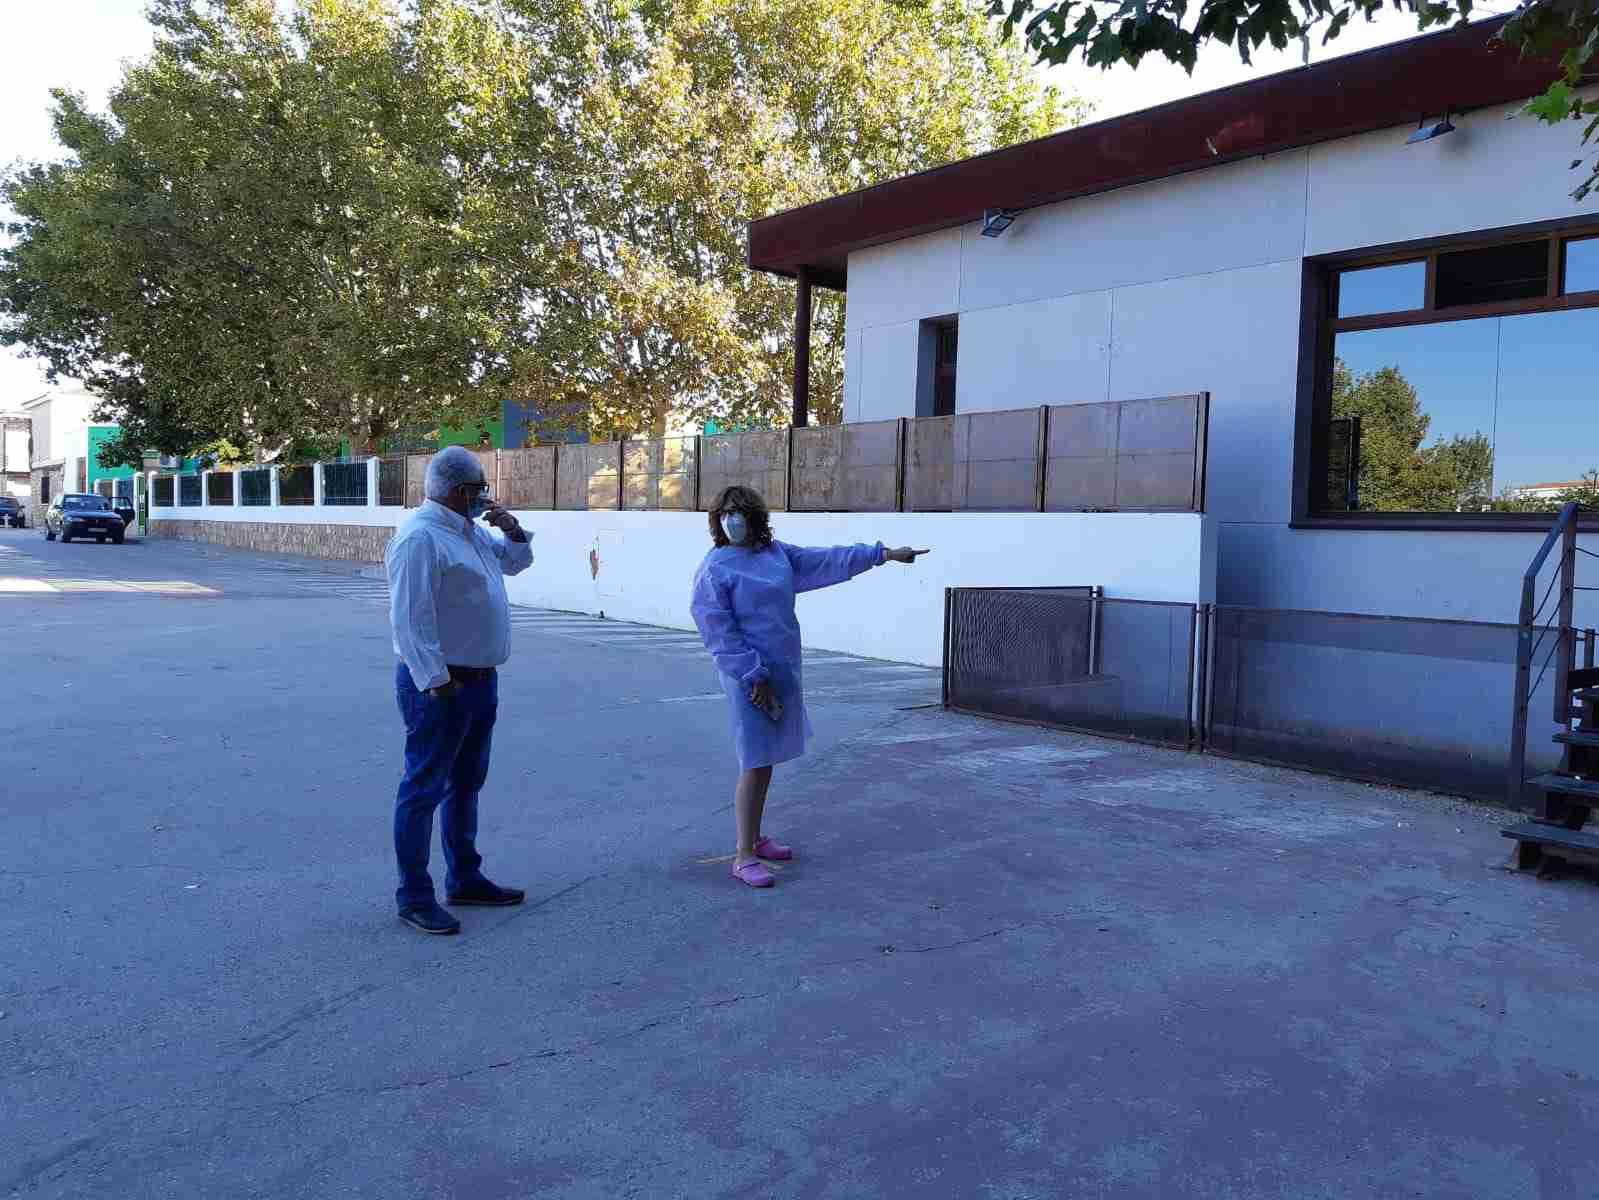 La Escuela Infantil Pim Pon de Quintanar, inicia el curso escolar con todas las medidas de seguridad necesarias 7